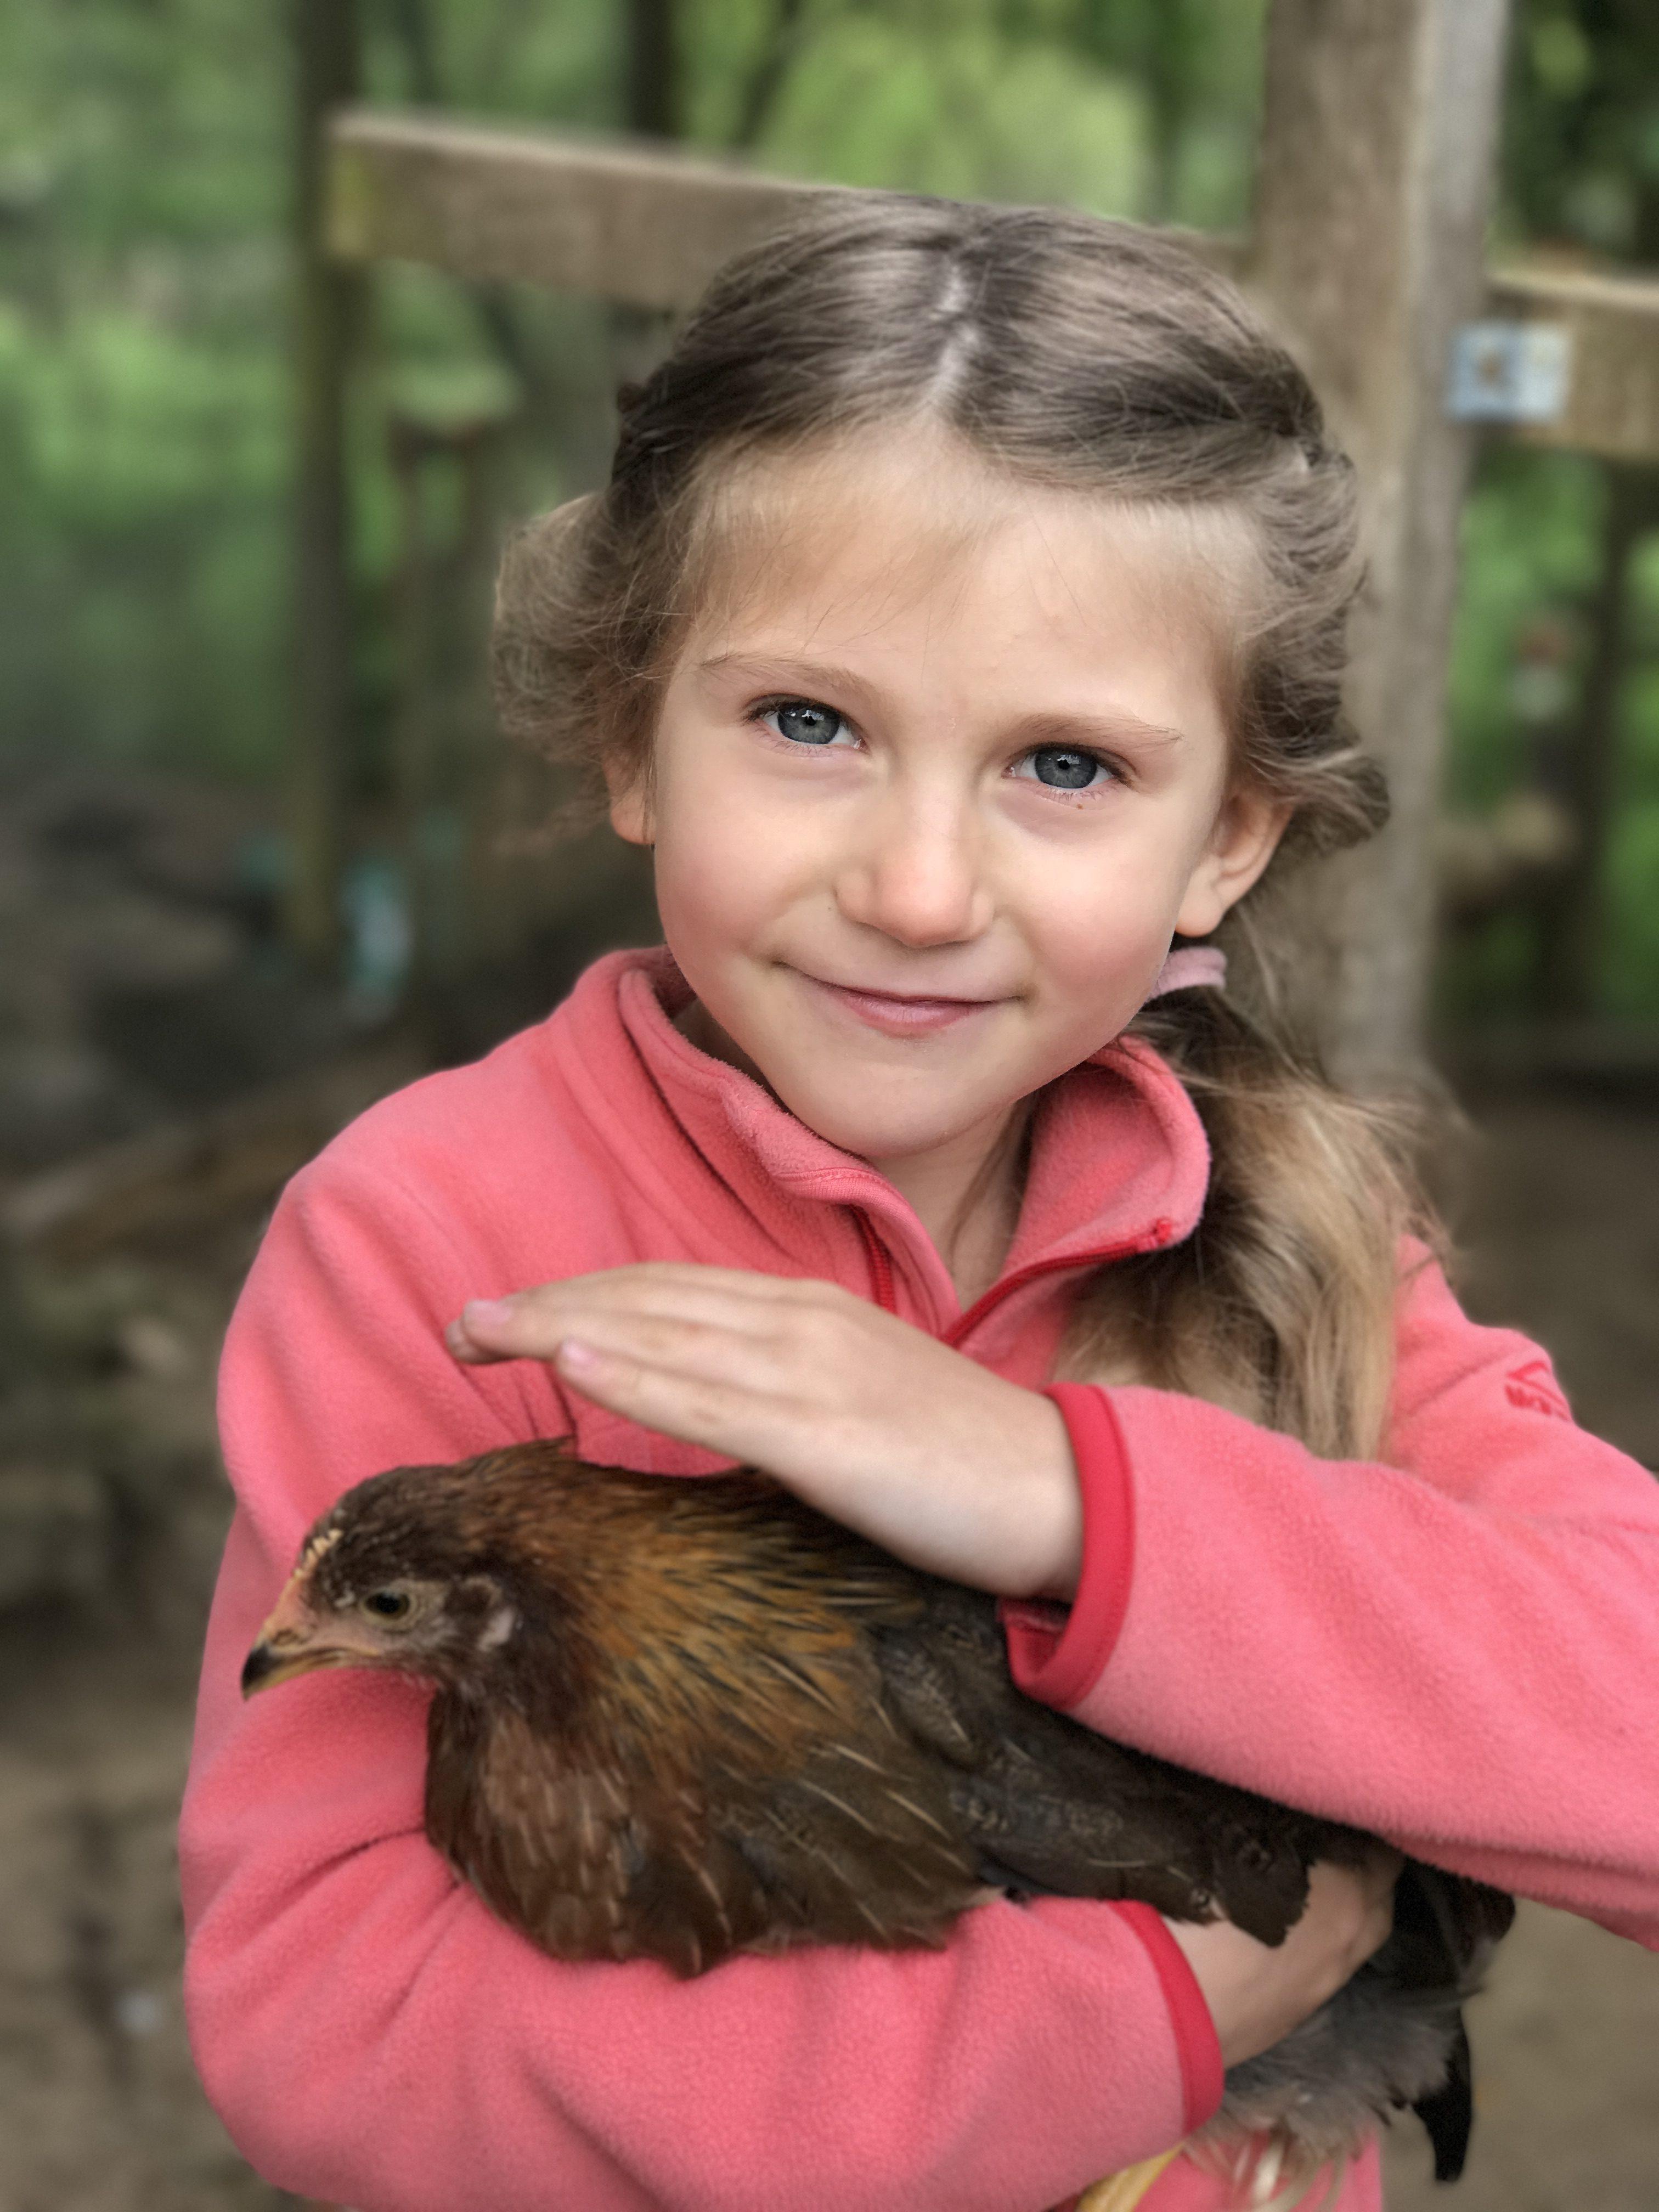 Hühner, wir haben Hühner. Seit anfang Mai dieses Jahres beehren uns Tante Trude, Hildegard, Madame, Gänseblümchen und Kokoschka (im Bild). Hier mit Livi, extra für die Hühner zurechtgemacht.